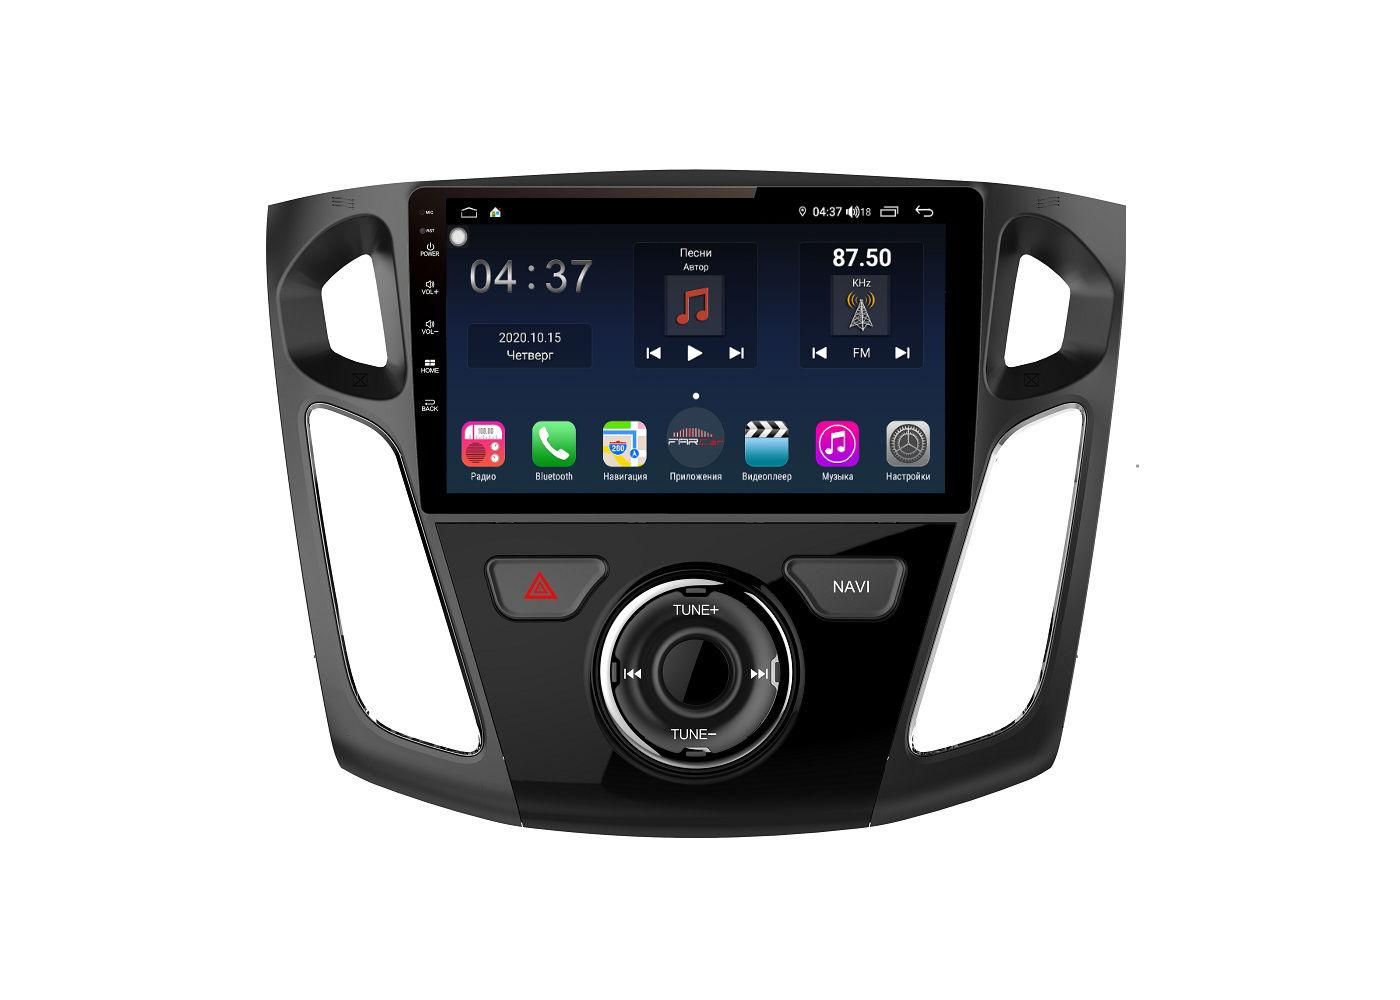 Штатная магнитола FarCar s400 для Ford Focus 3 на Android (TG150/501R) (+ Камера заднего вида в подарок!)